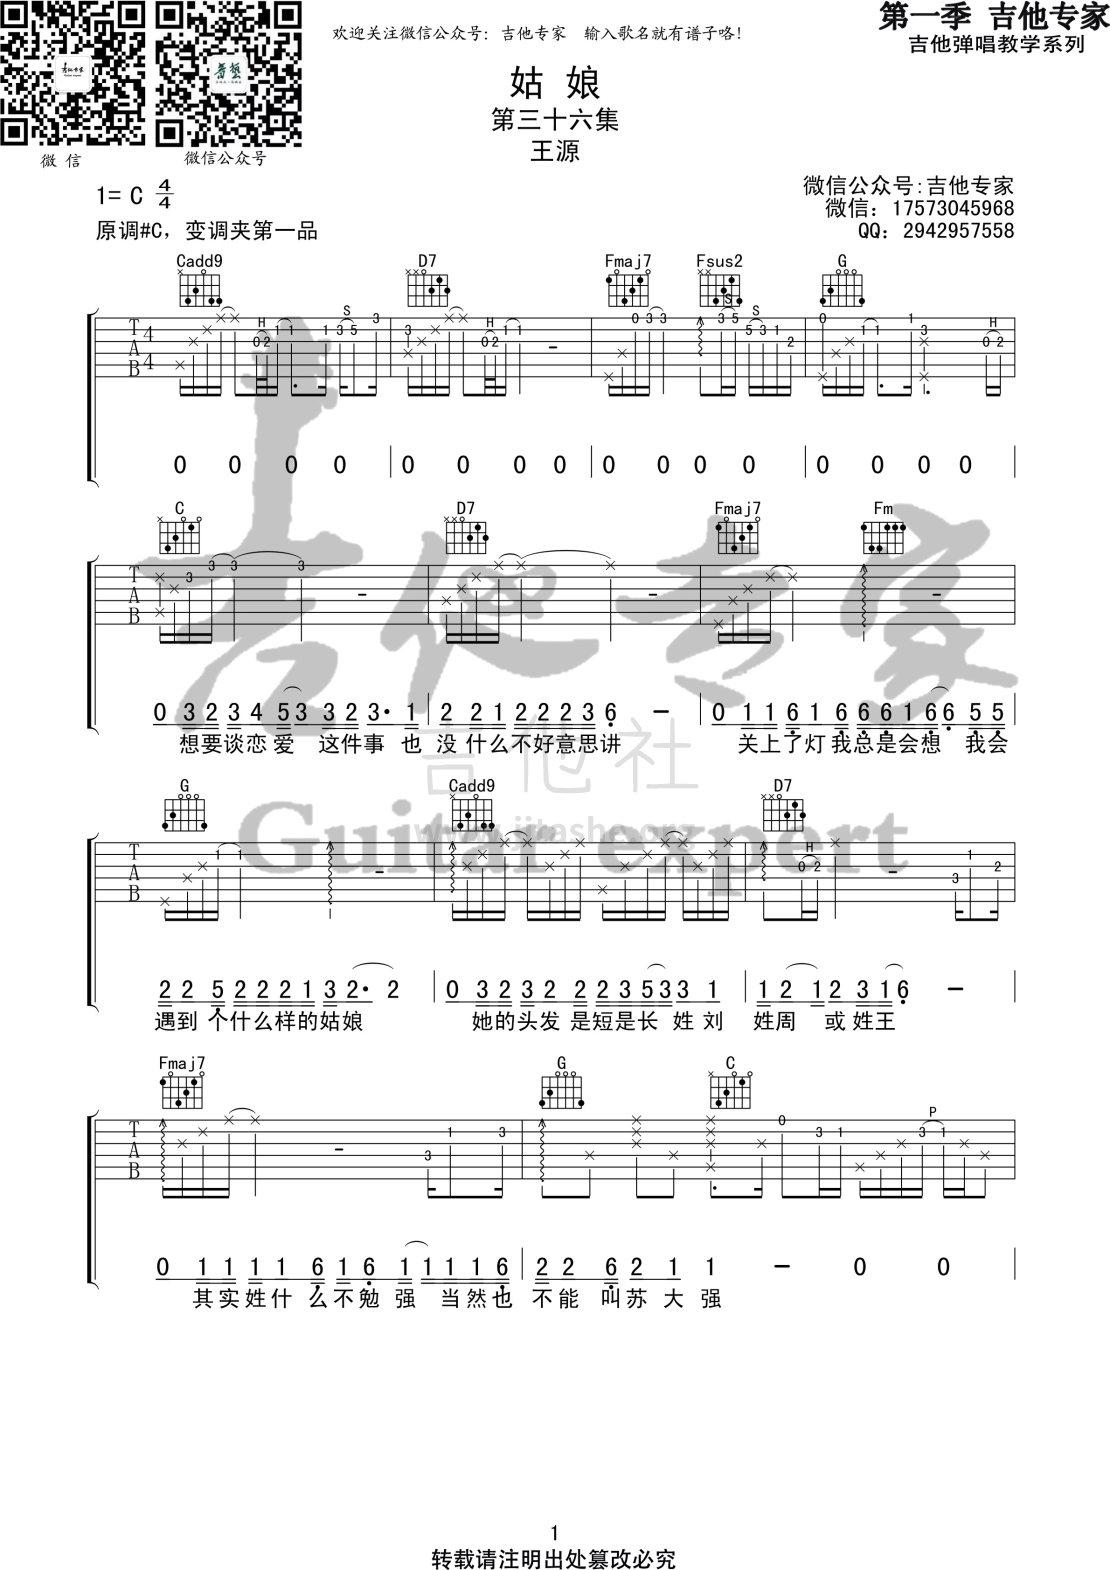 姑娘(音艺吉他专家弹唱教学:第一季第36集)吉他谱(图片谱,弹唱,伴奏,教程)_王源_姑娘1 第一季第三十六集.jpg